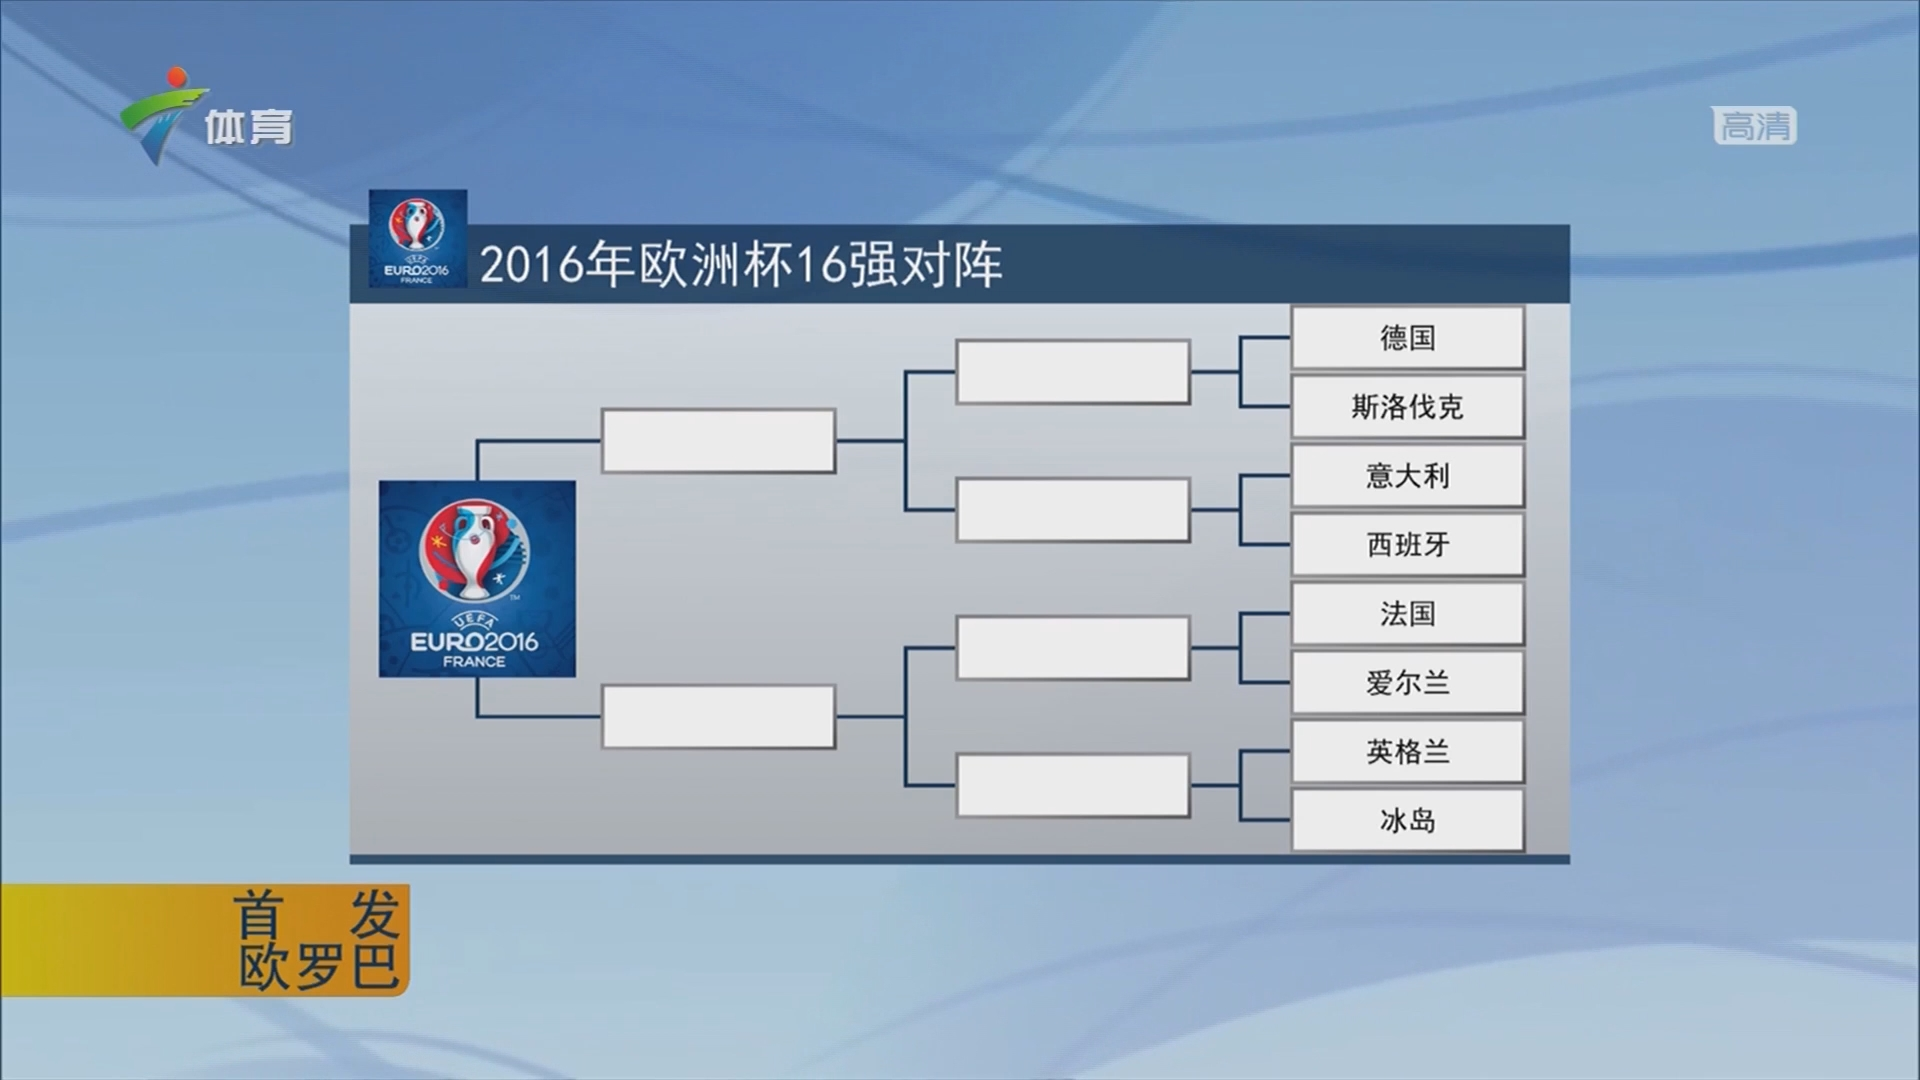 2016年欧洲杯16强对阵